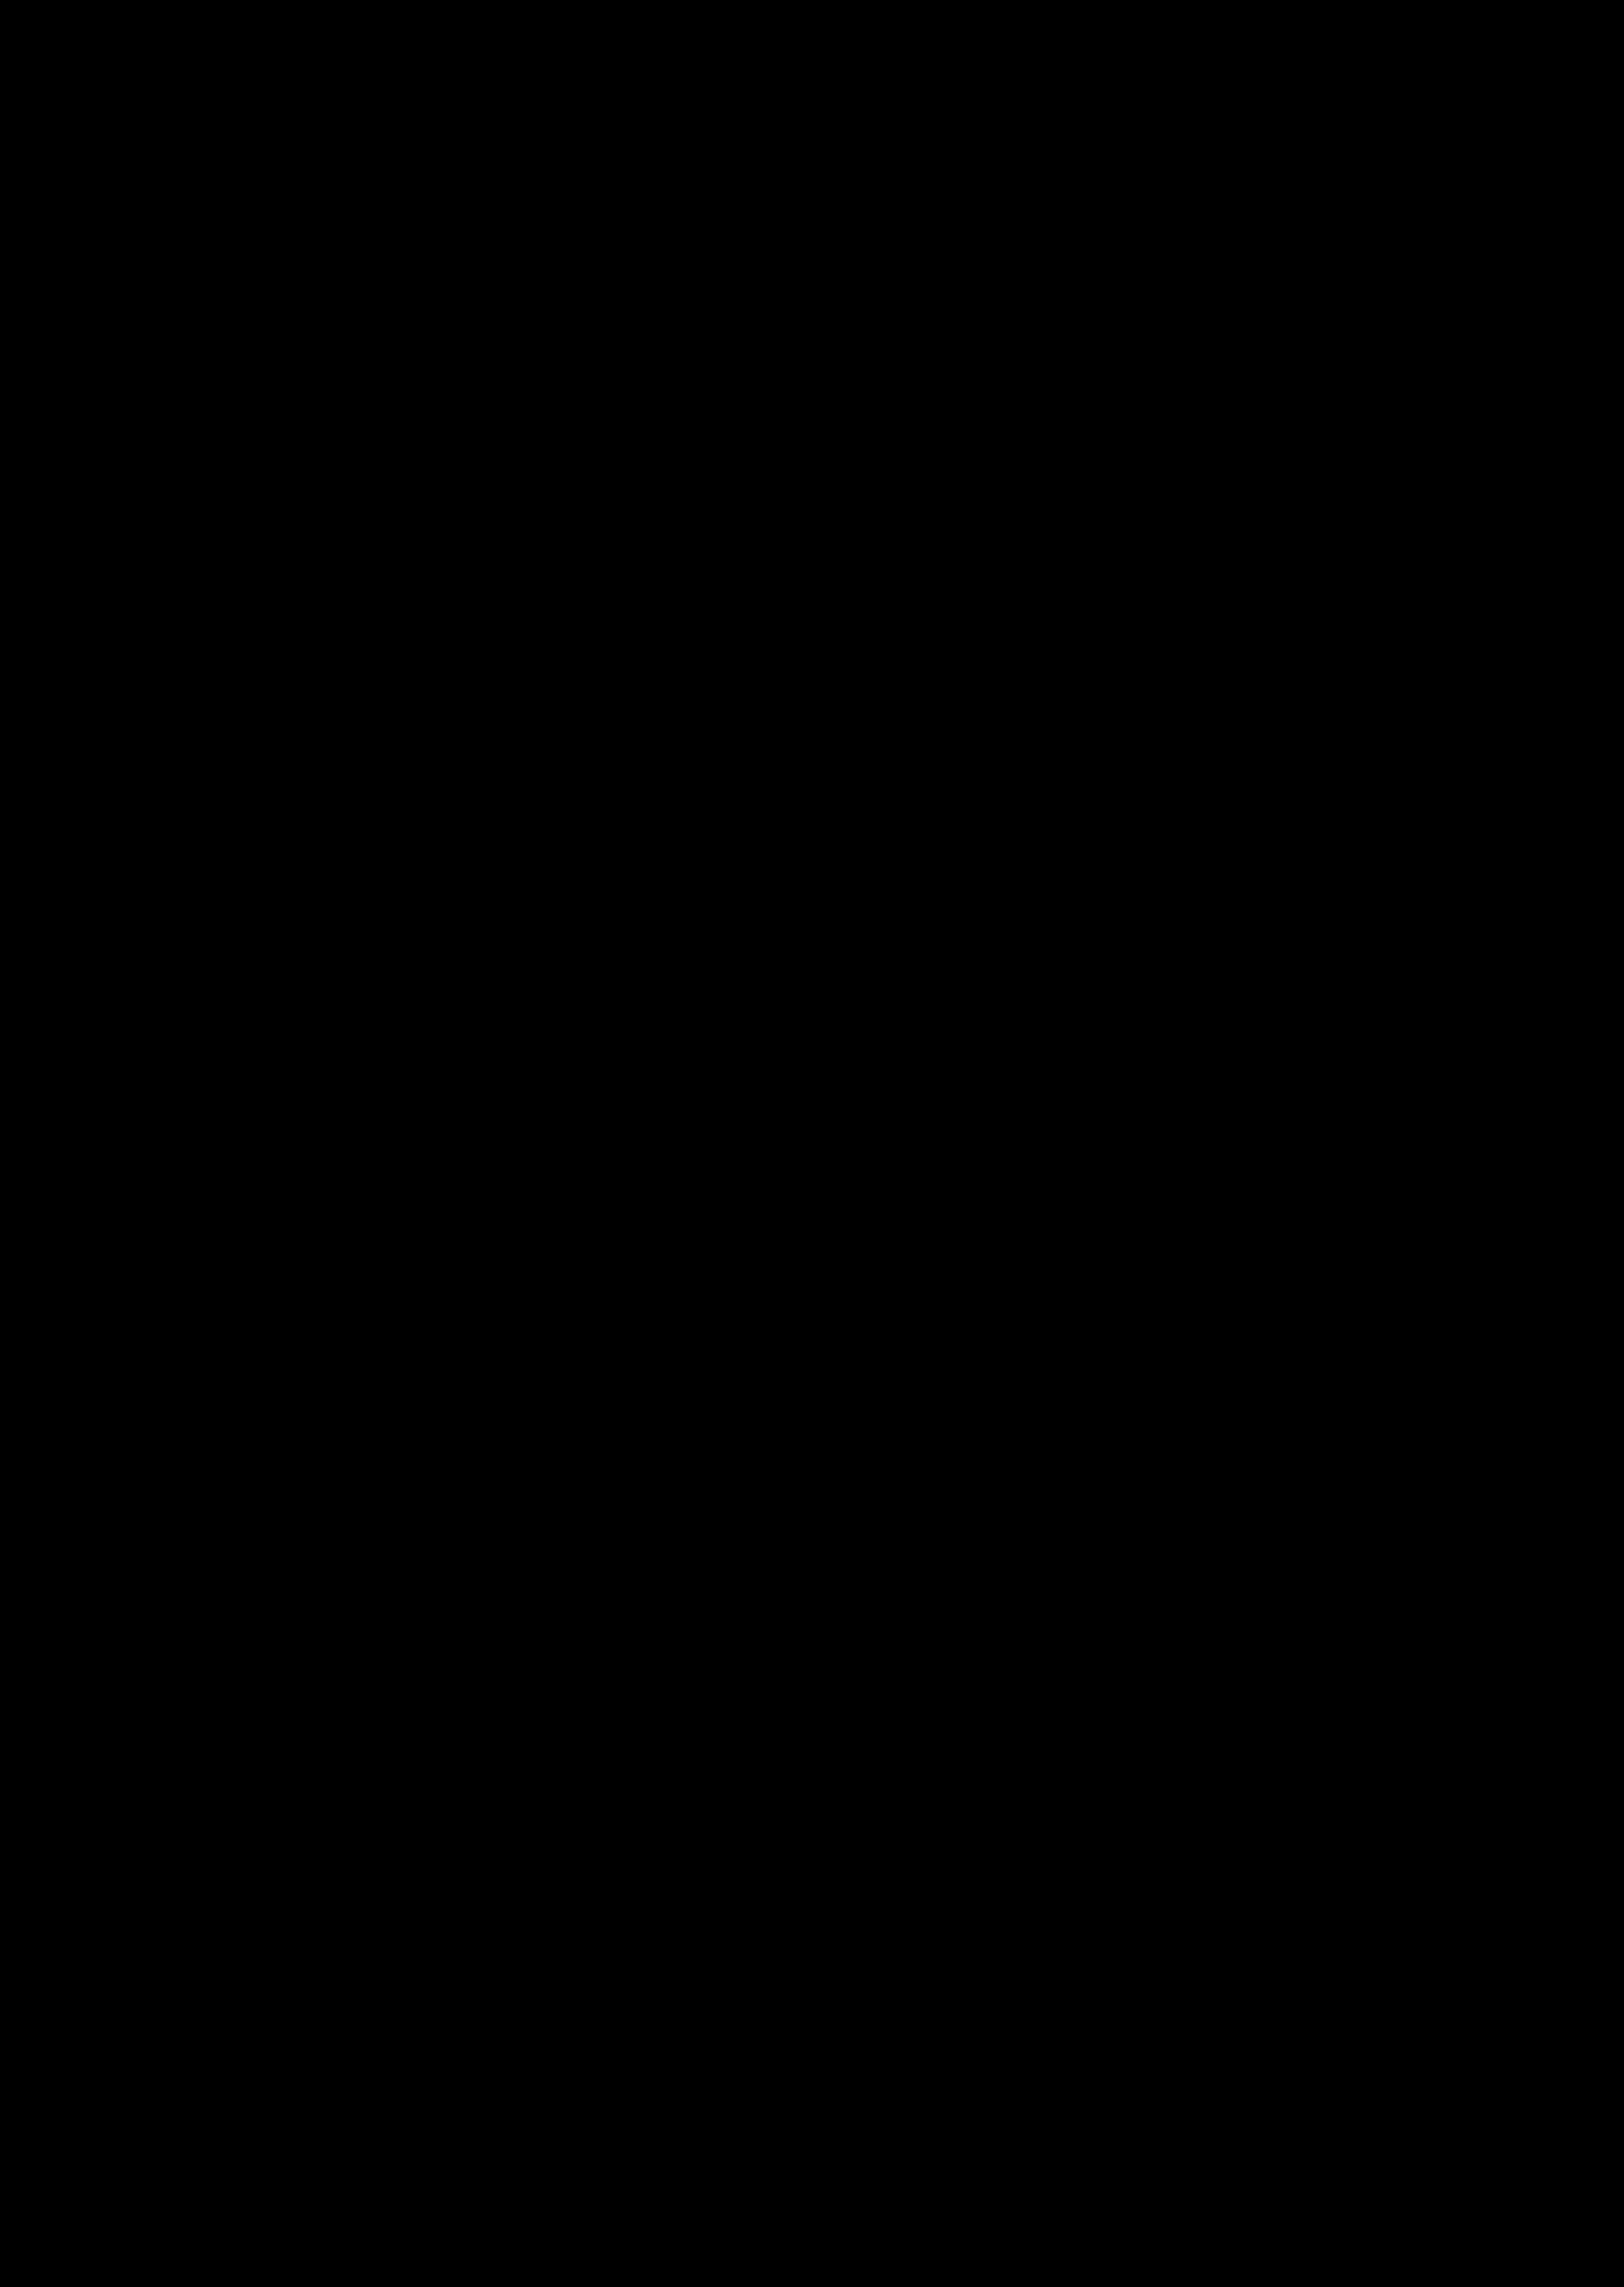 Aquarelle espérance laboure maisonnette arbre mlam noiram marion-lorraine poncet